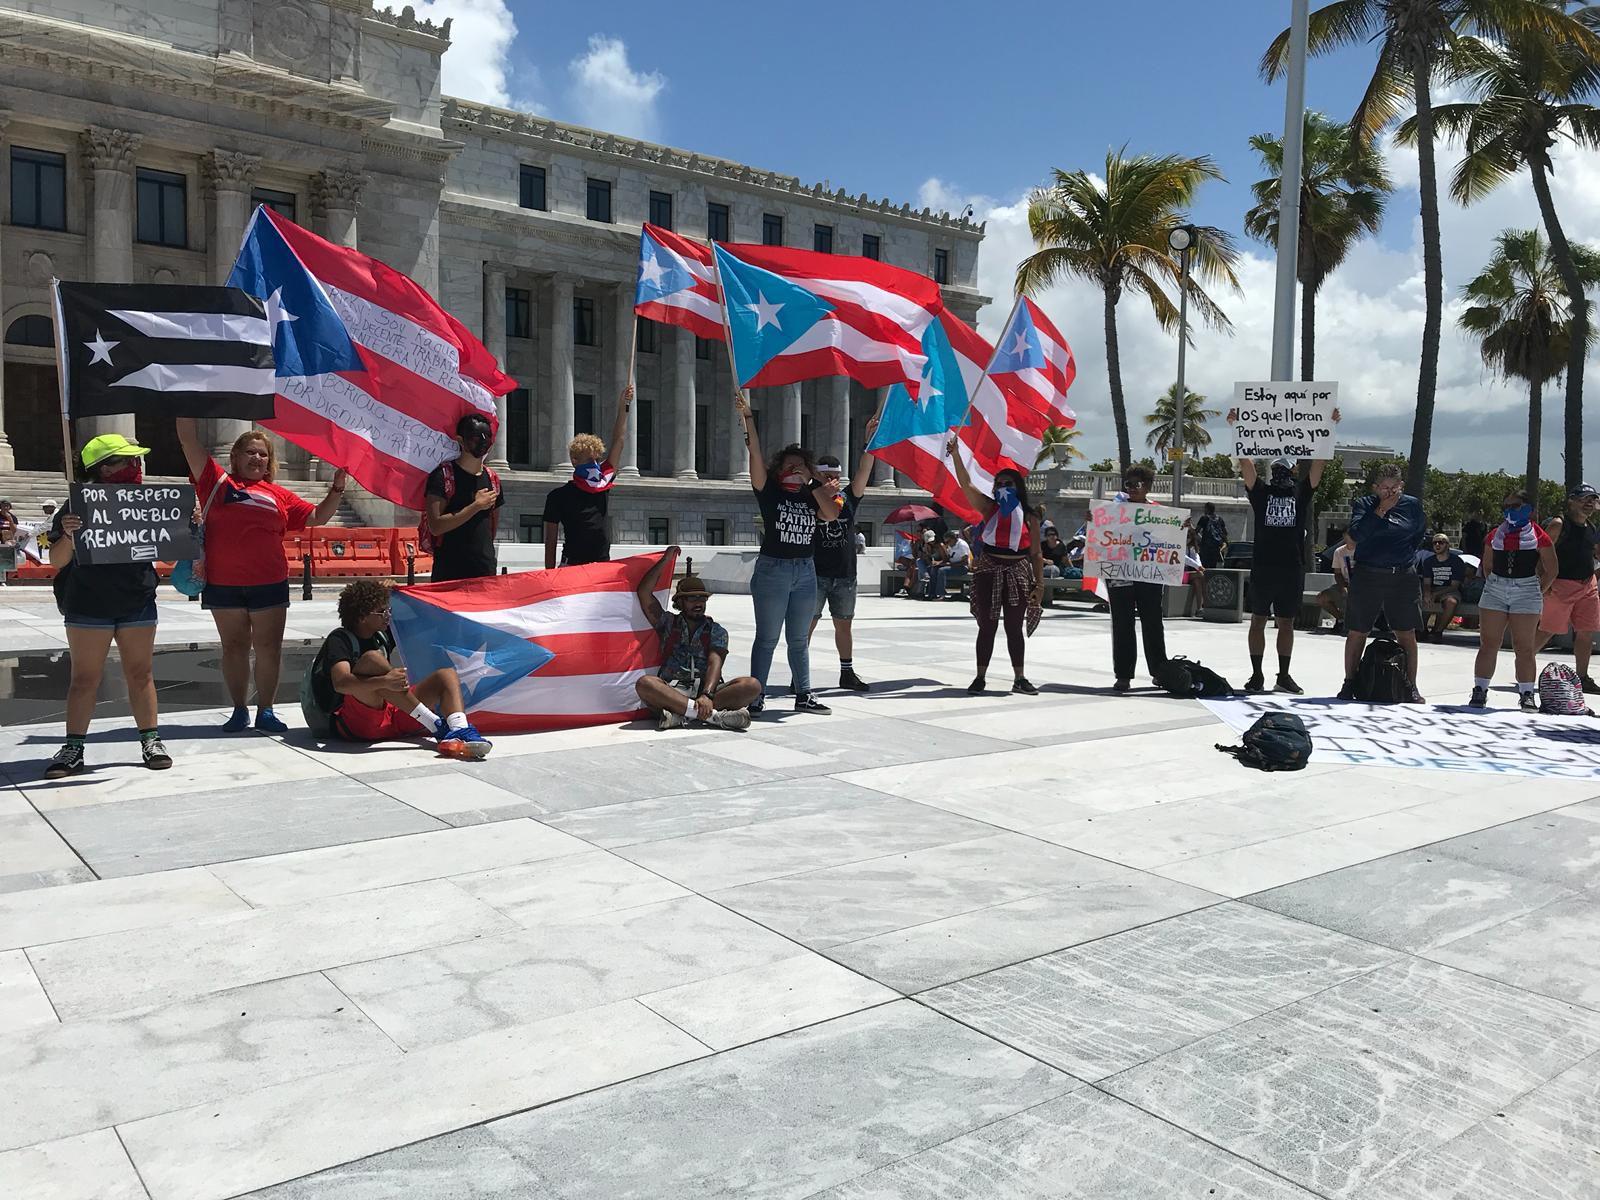 Comienzan a llegar los manifestantes al Capitolio